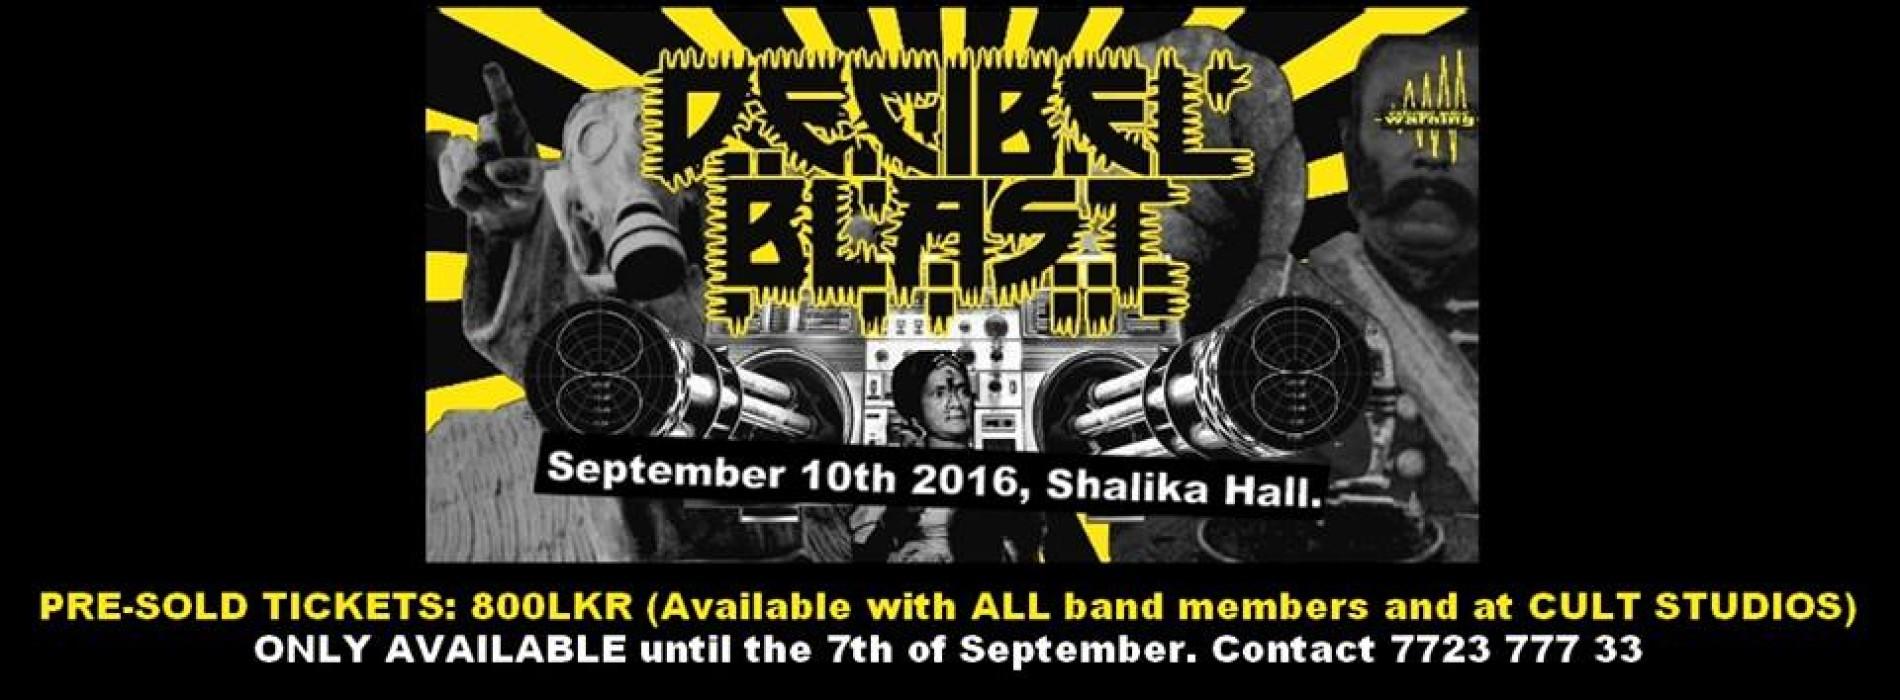 Get Your Tickets For Decibel Blast